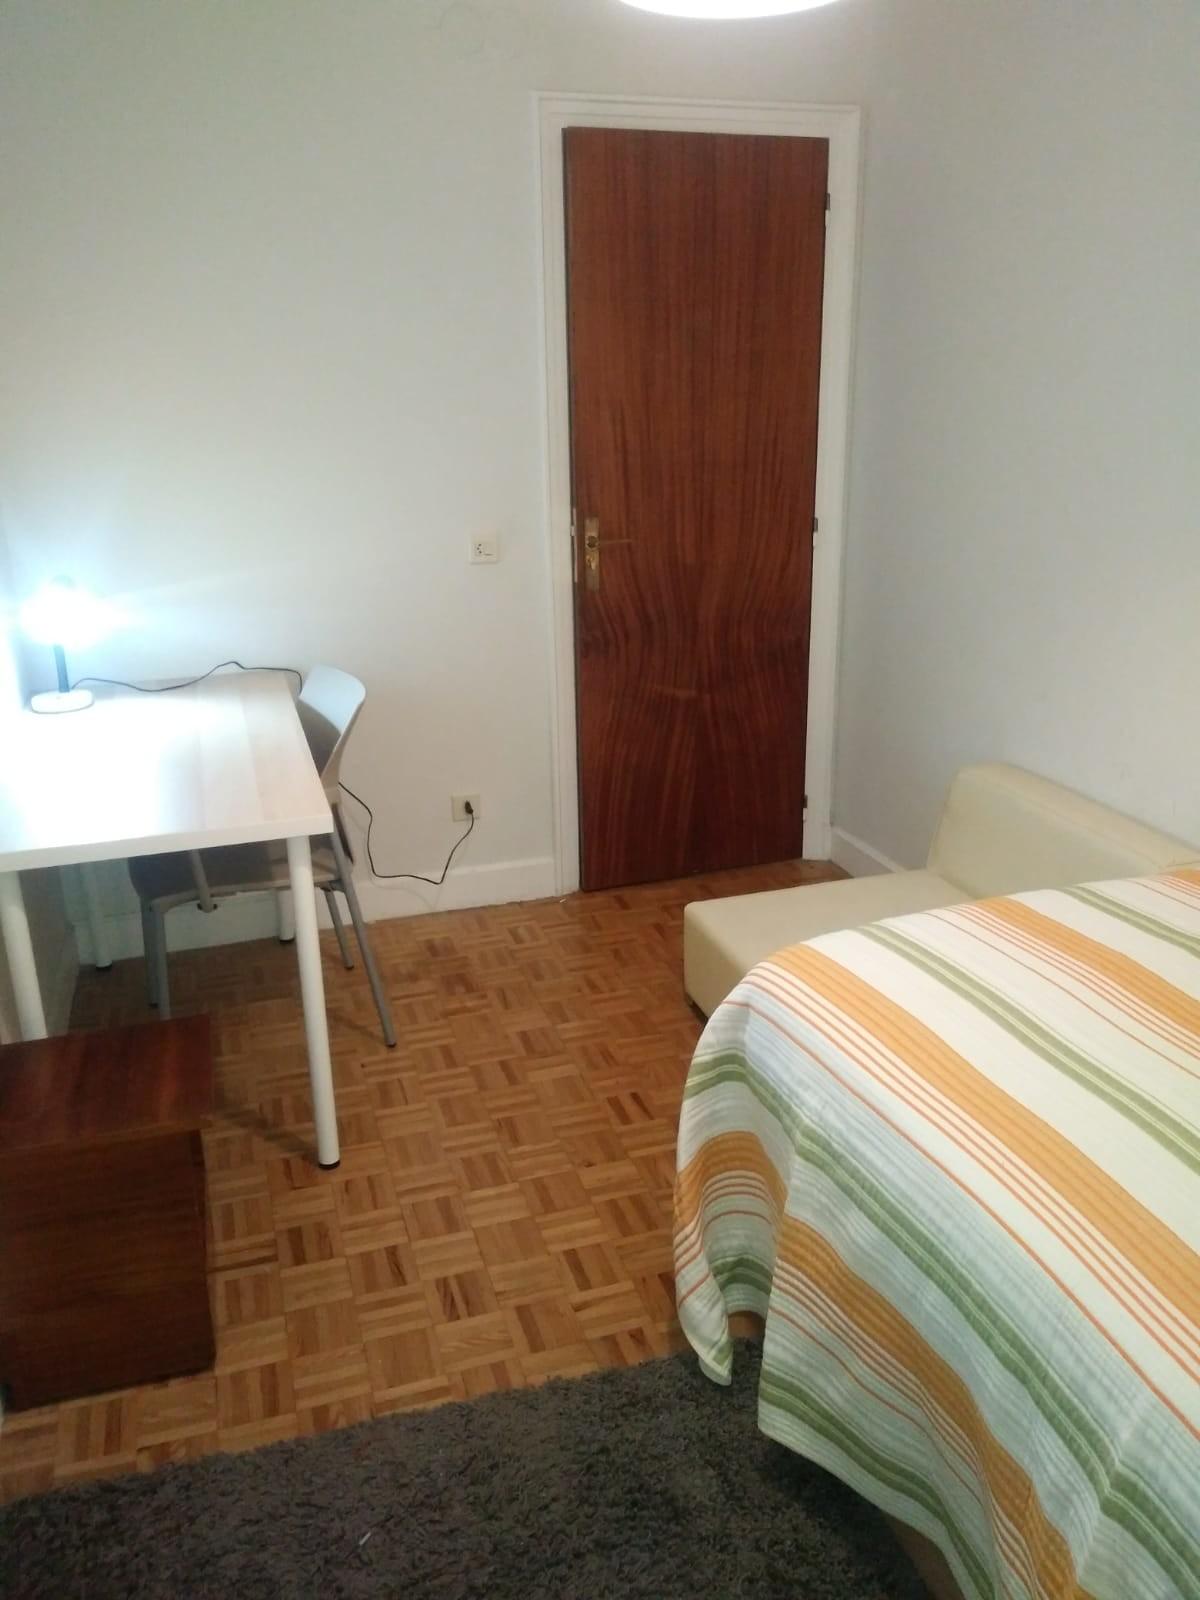 habitación individual muy bien situada y comunicad